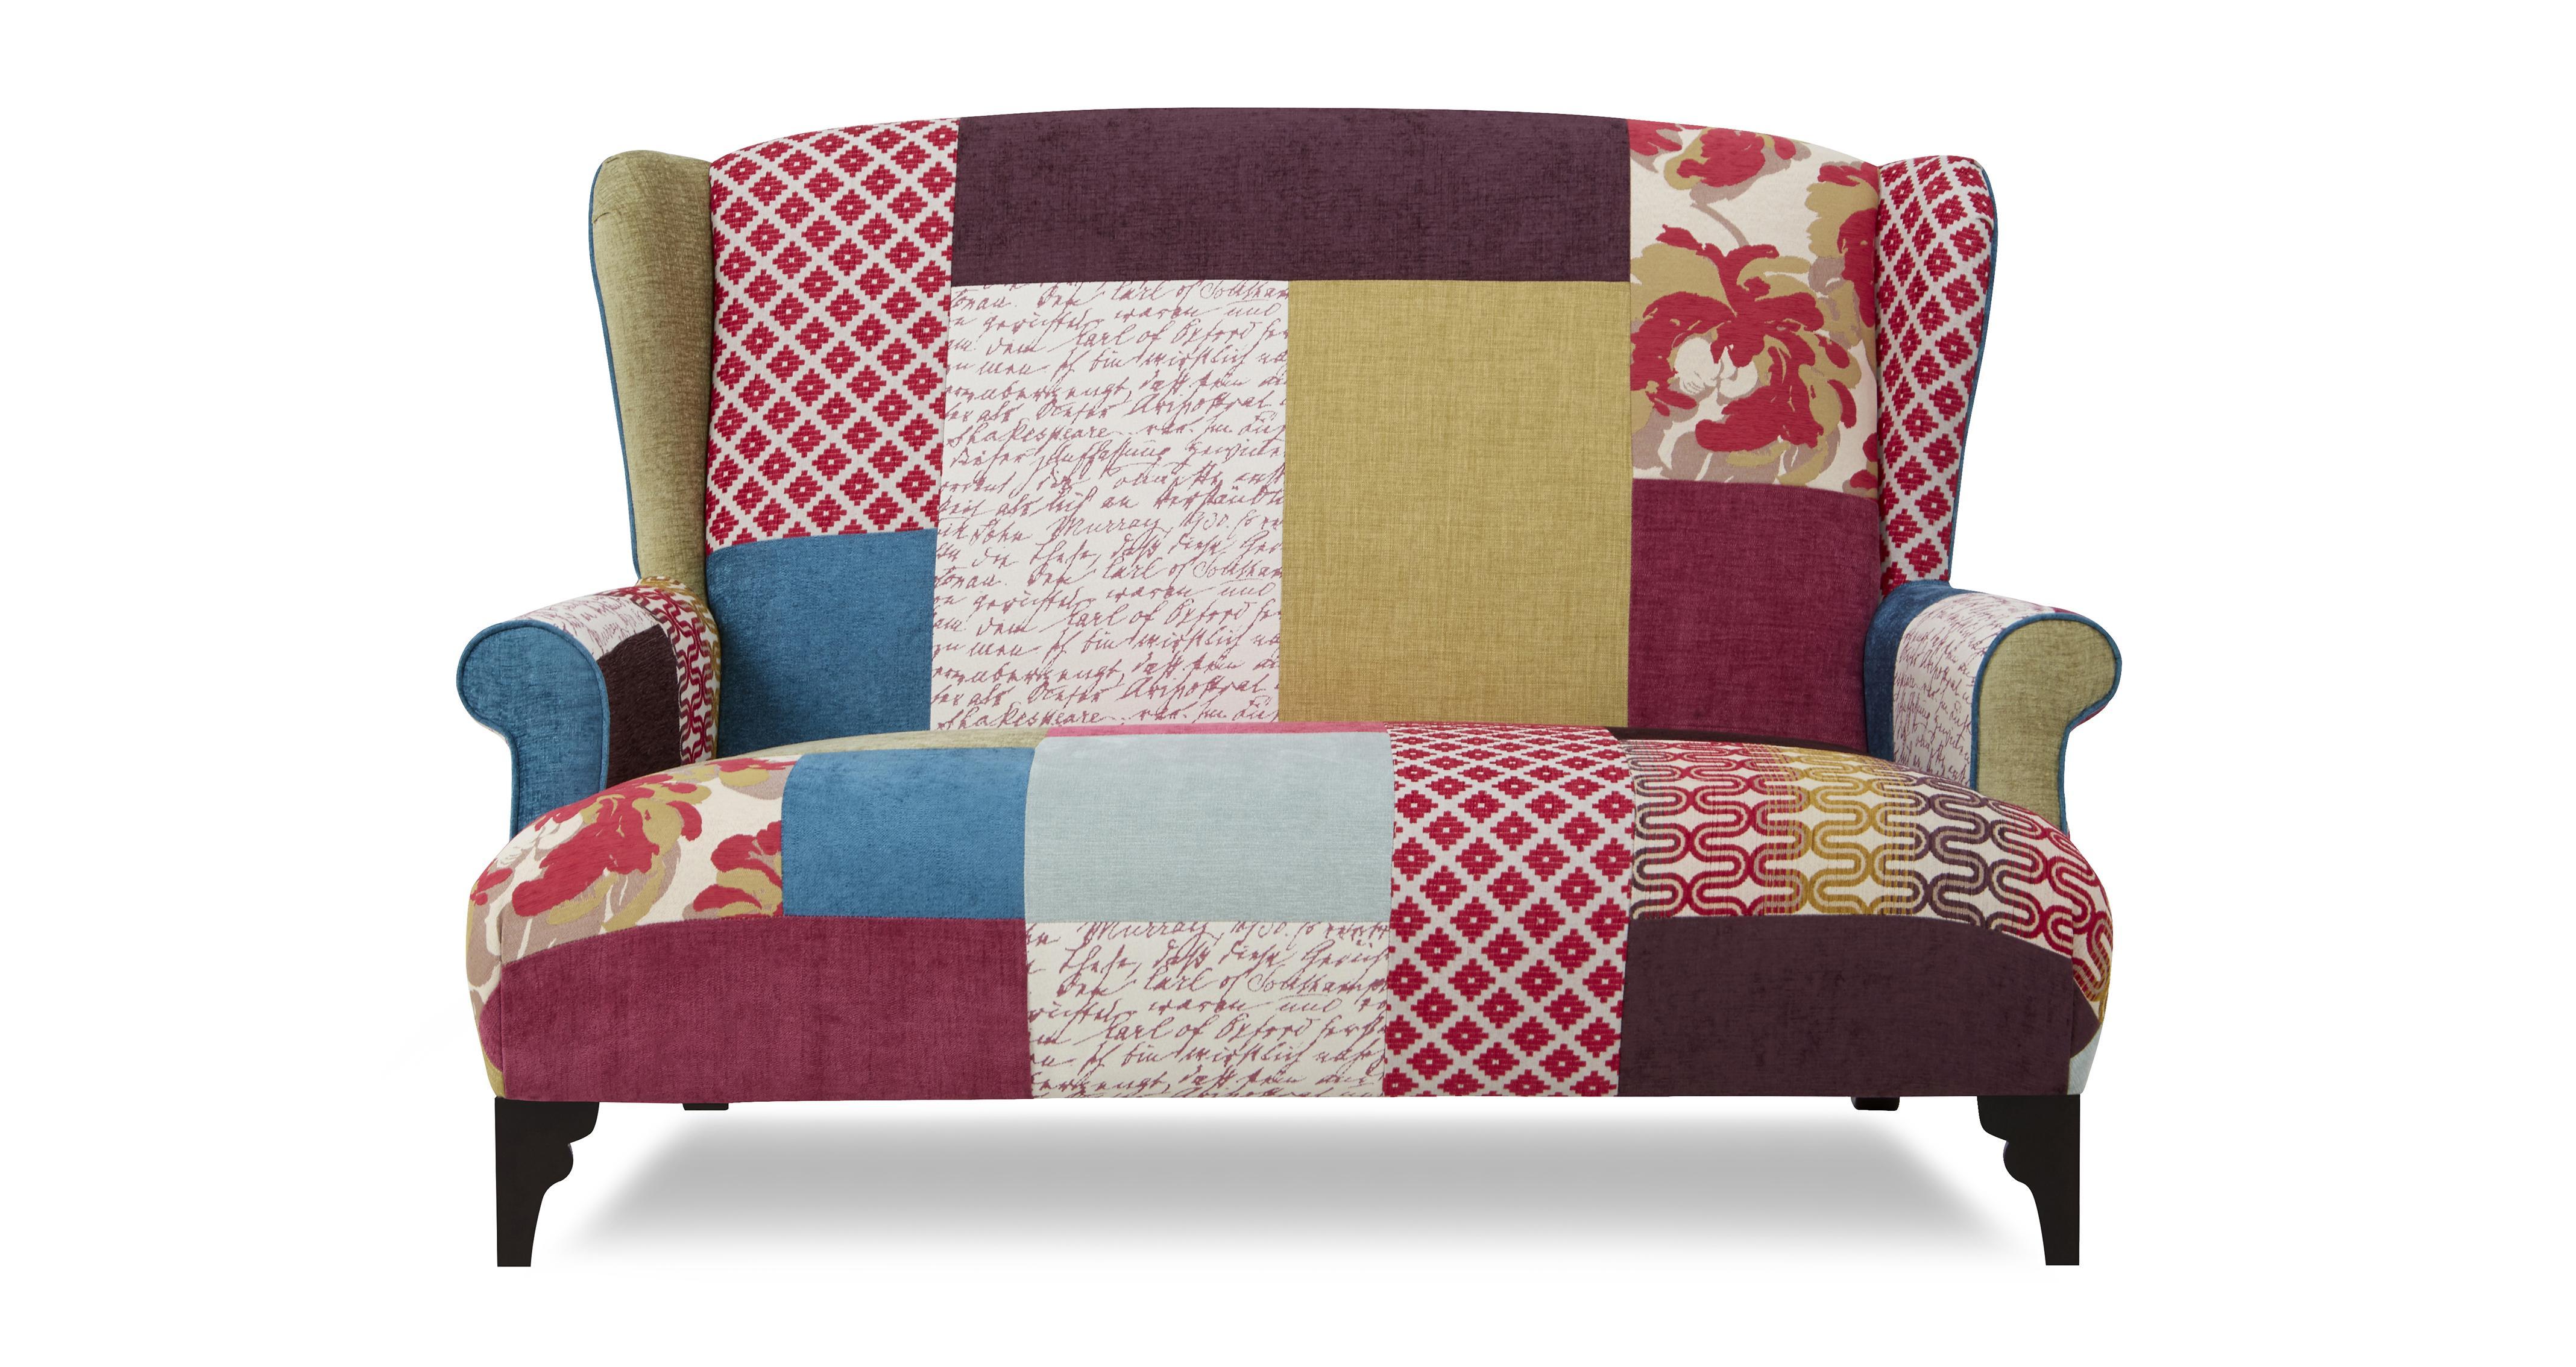 patchwork sofa dfs. Black Bedroom Furniture Sets. Home Design Ideas